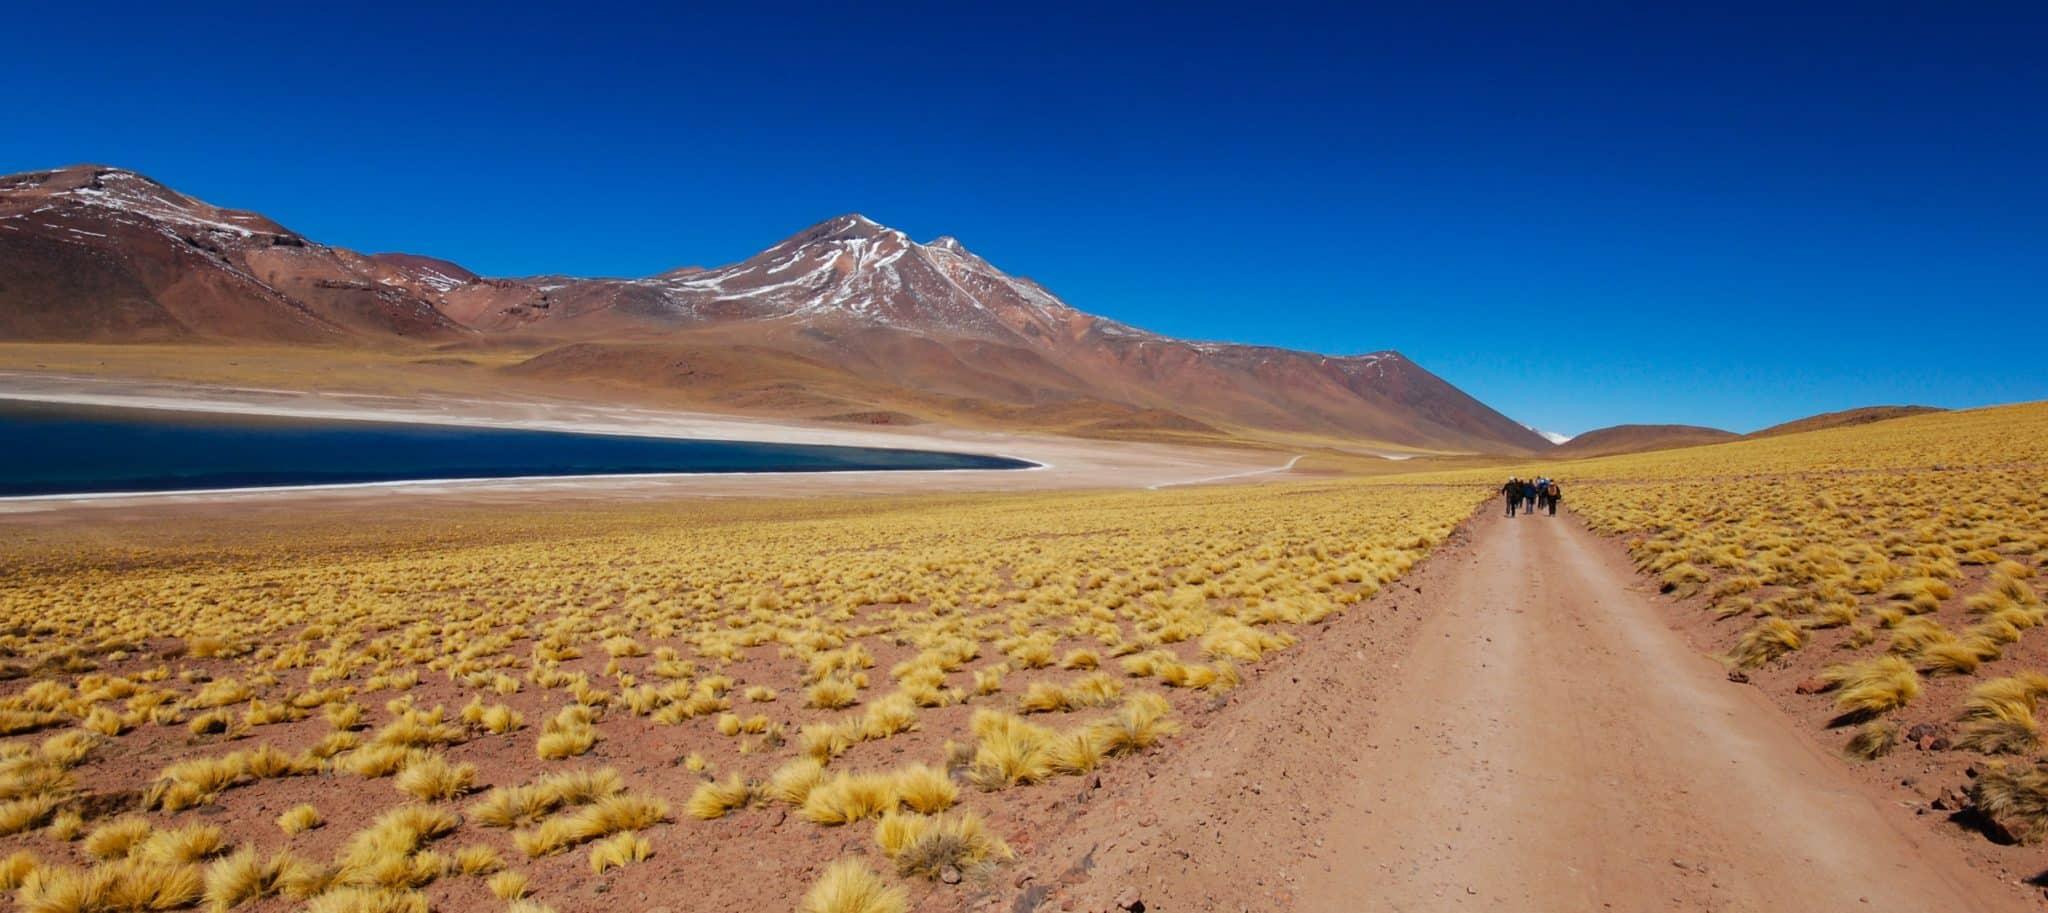 lagune miscanti miñiques altiplano chili desert atacama